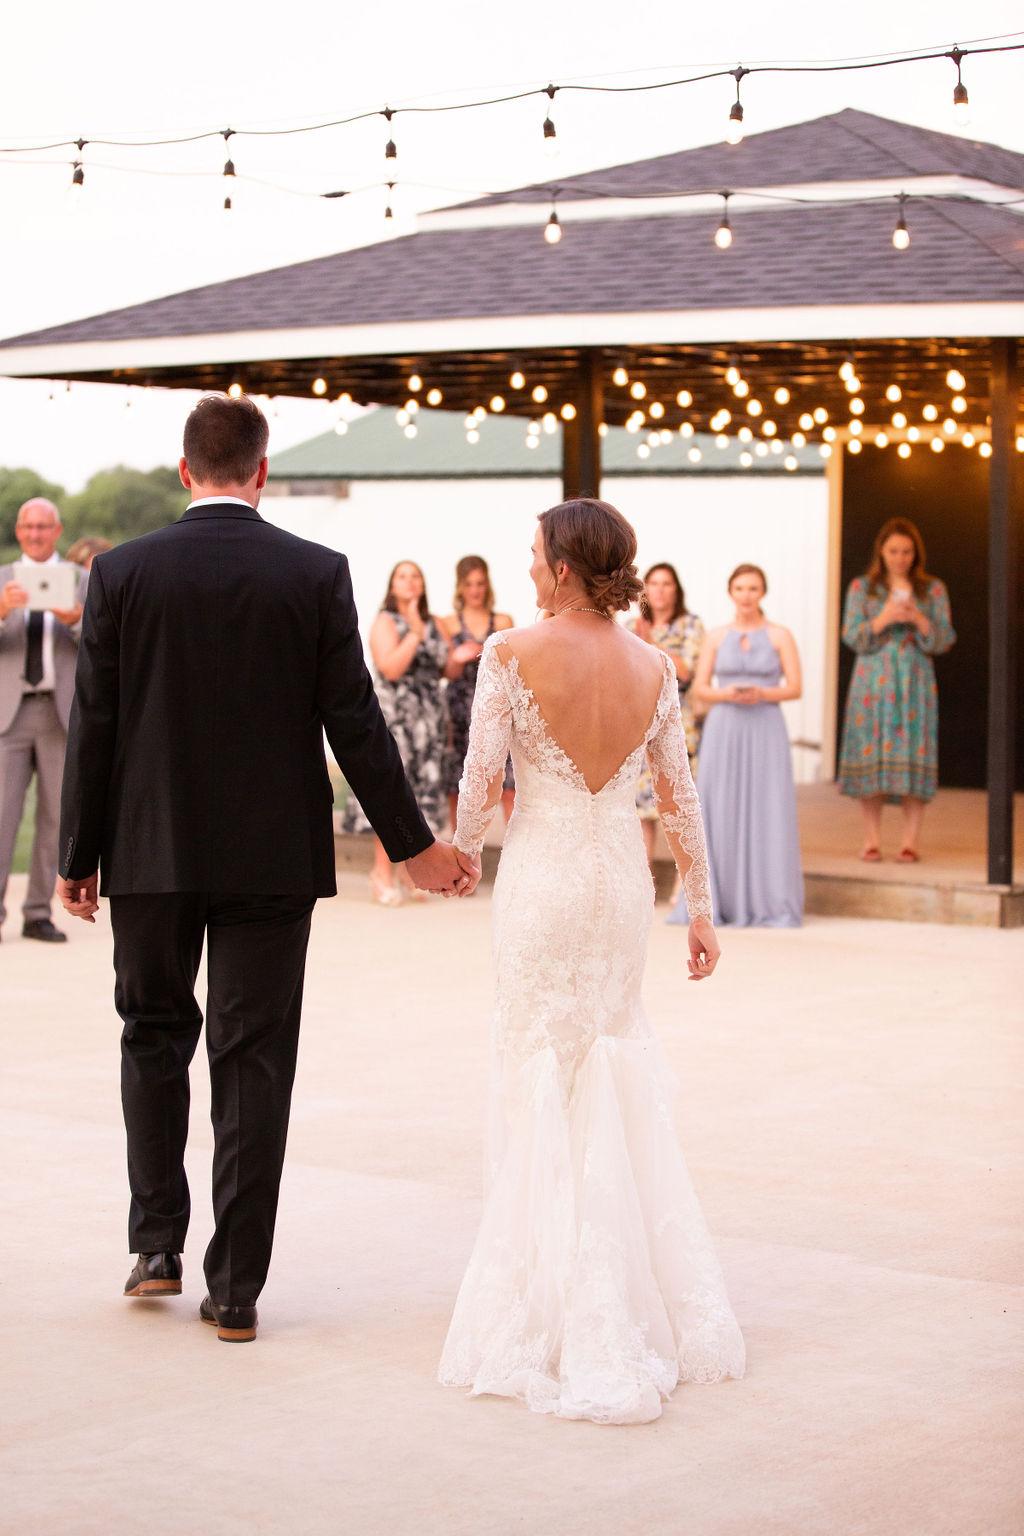 Dallas Fort Worth Wedding Inspiration: Modern Minimalistic Wedding at The Emerson